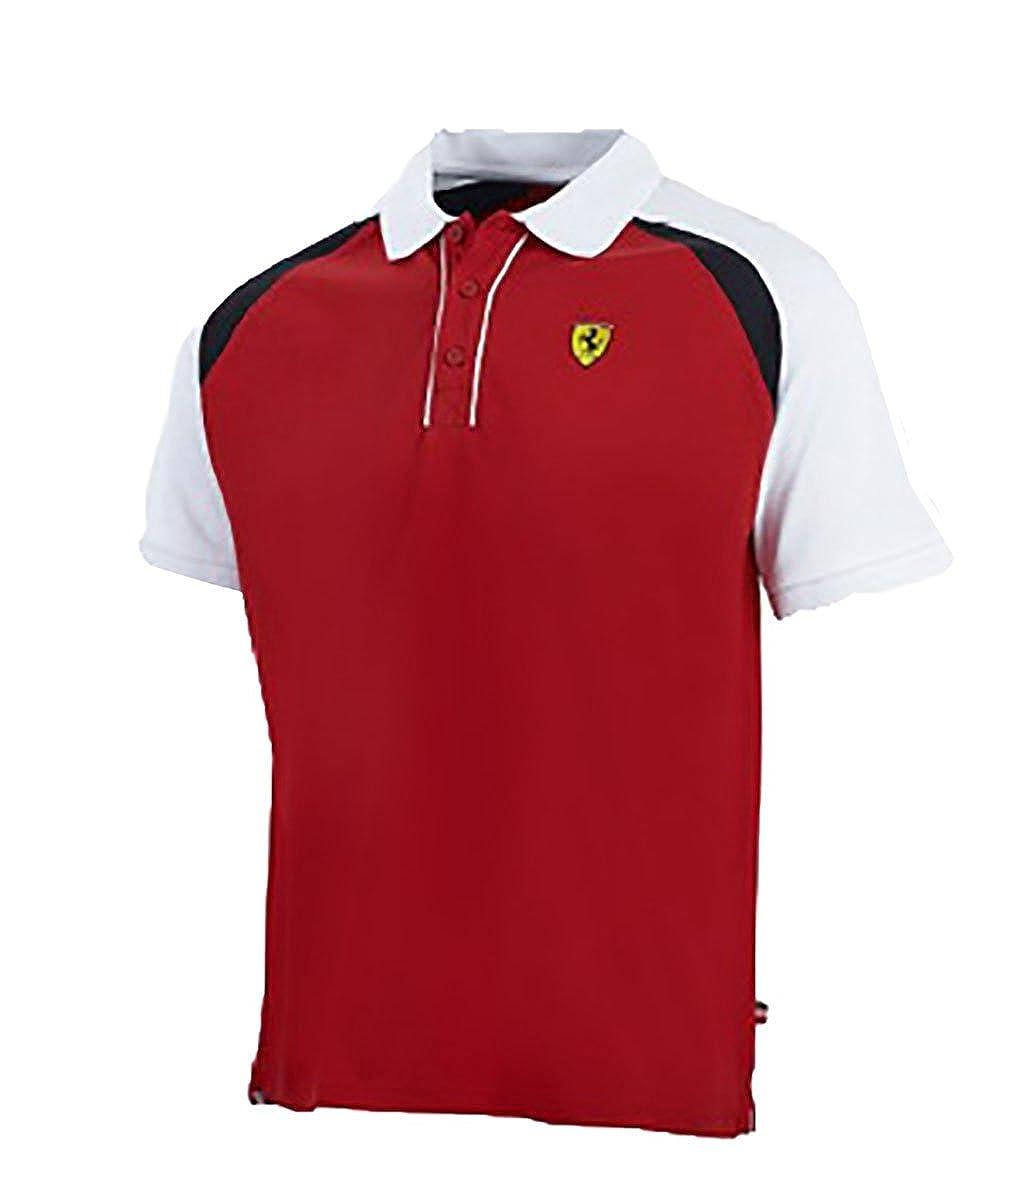 Ferrari - Polo - para hombre rojo XL: Amazon.es: Ropa y accesorios